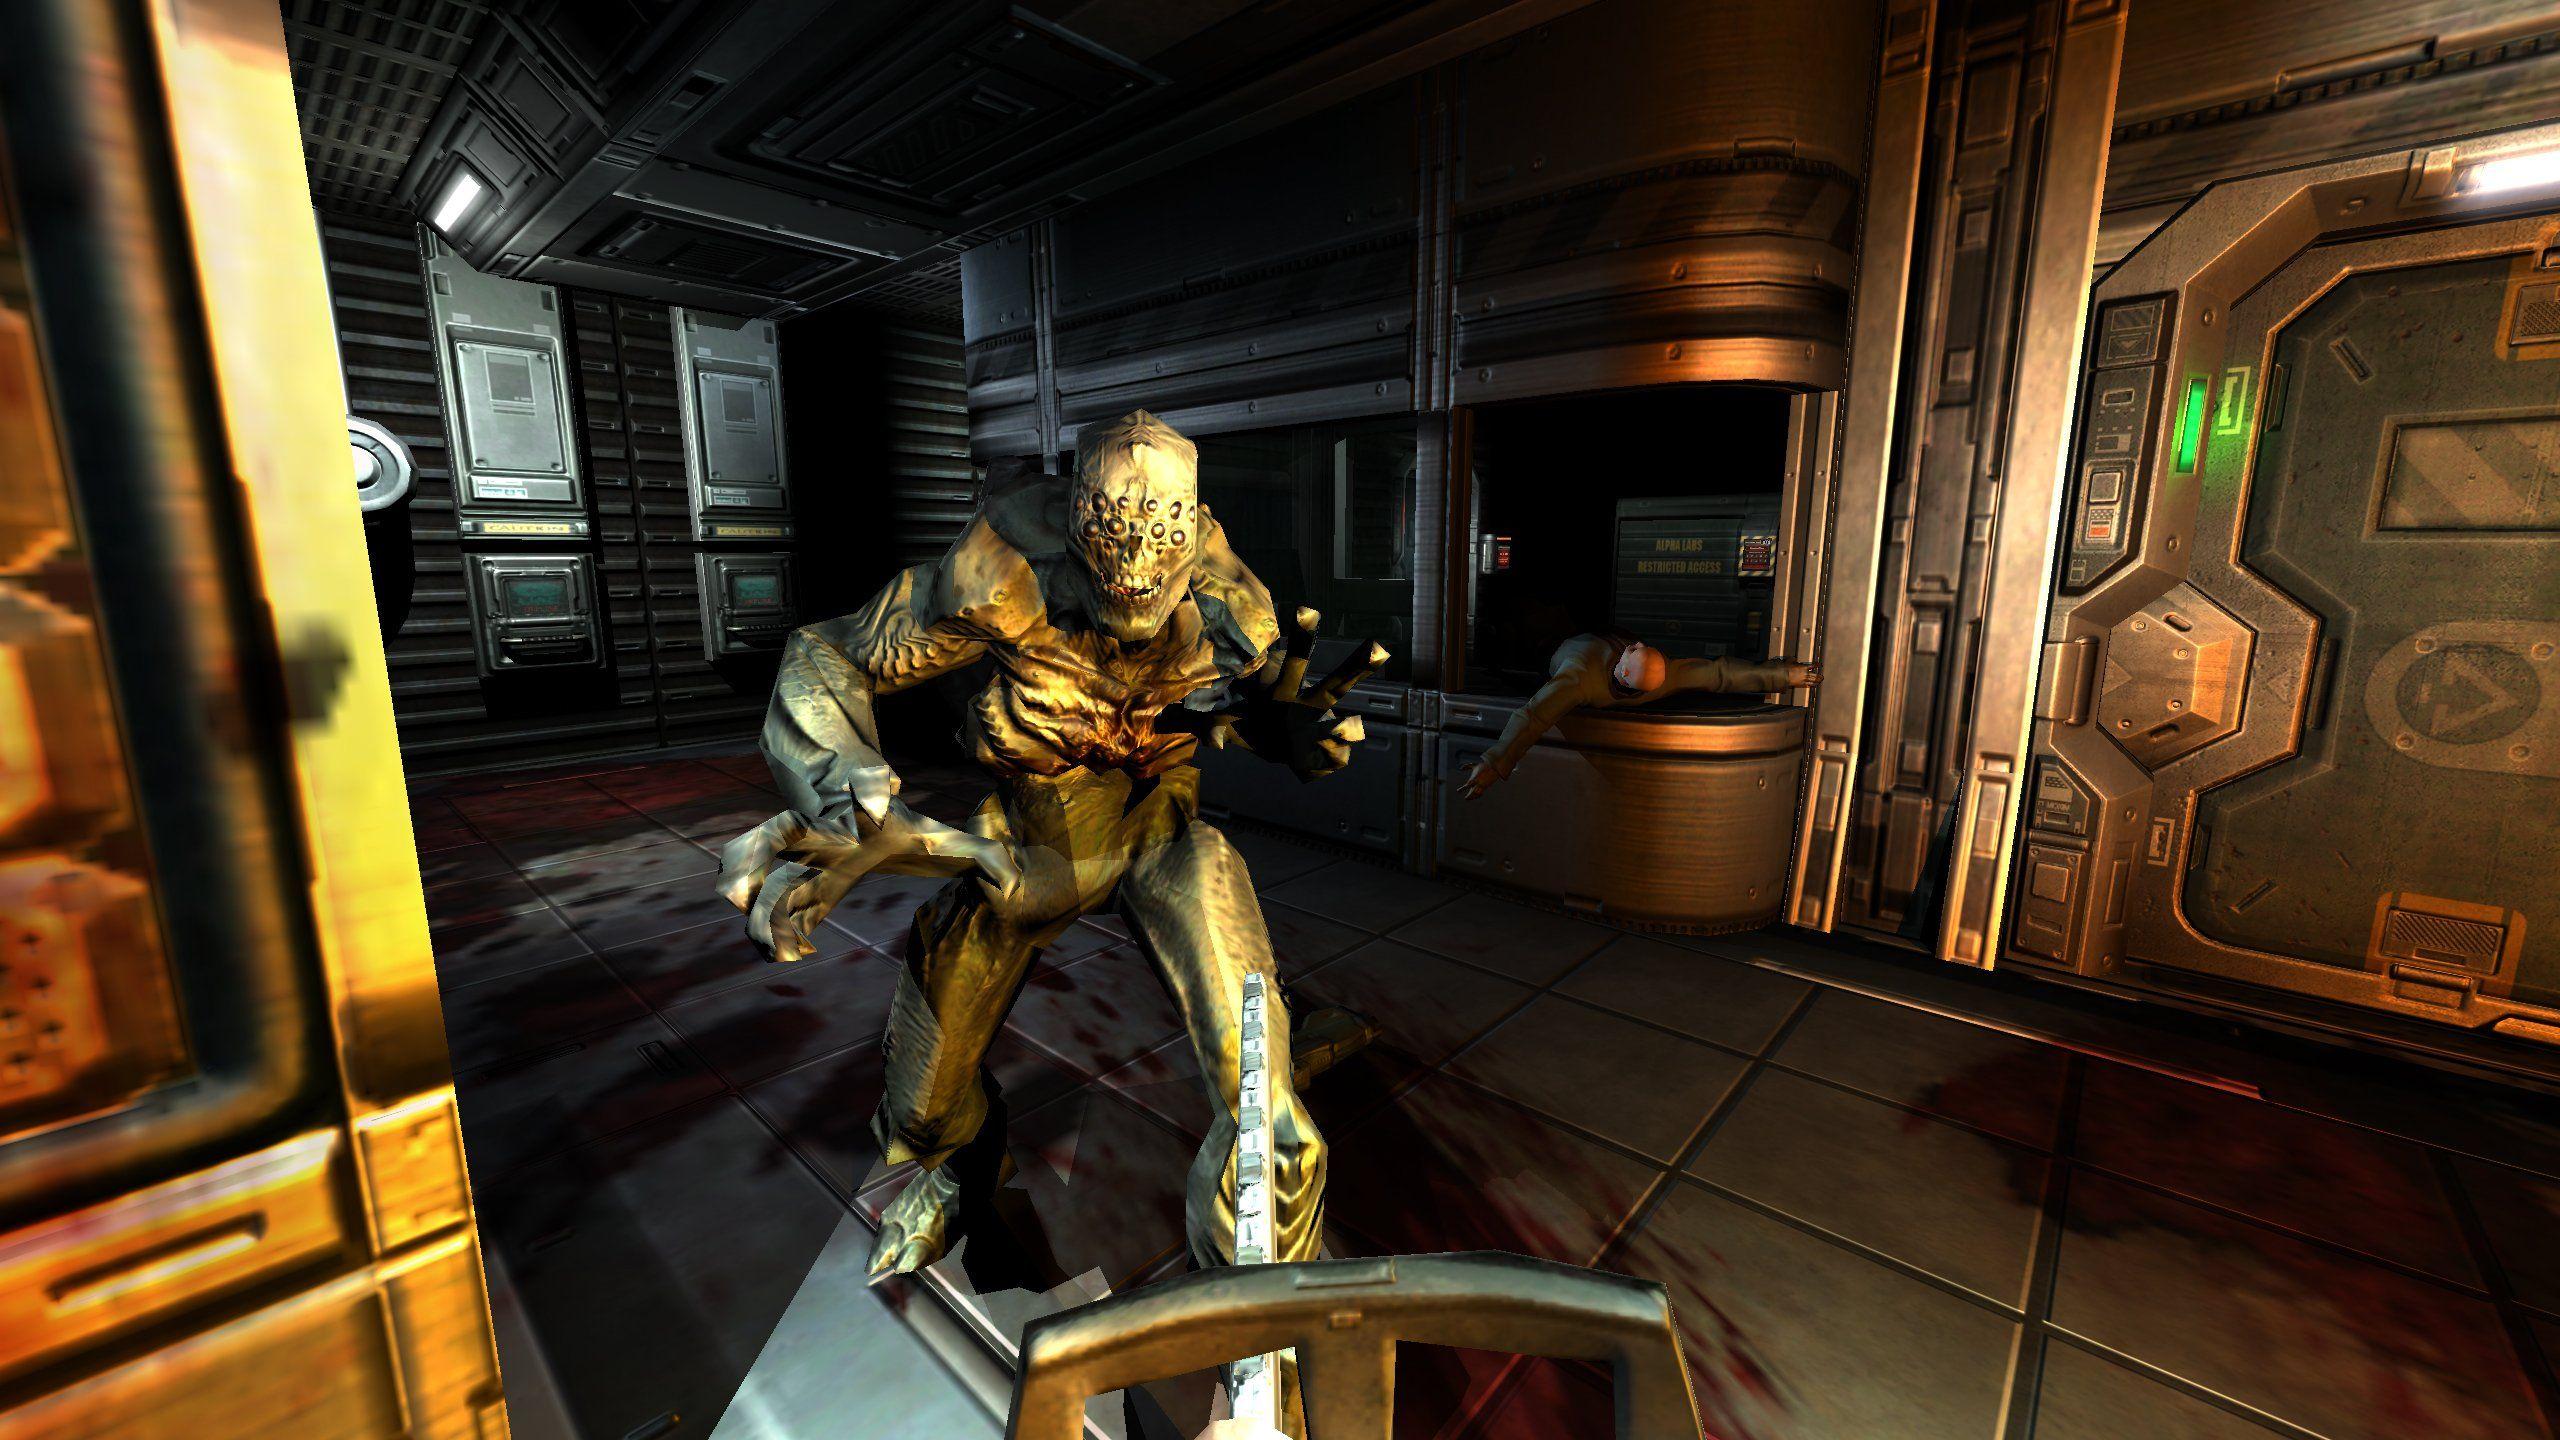 Doom 3 Bfg Edition Pc Video Games Doom 3 Doom 3 Bfg Video Games Playstation